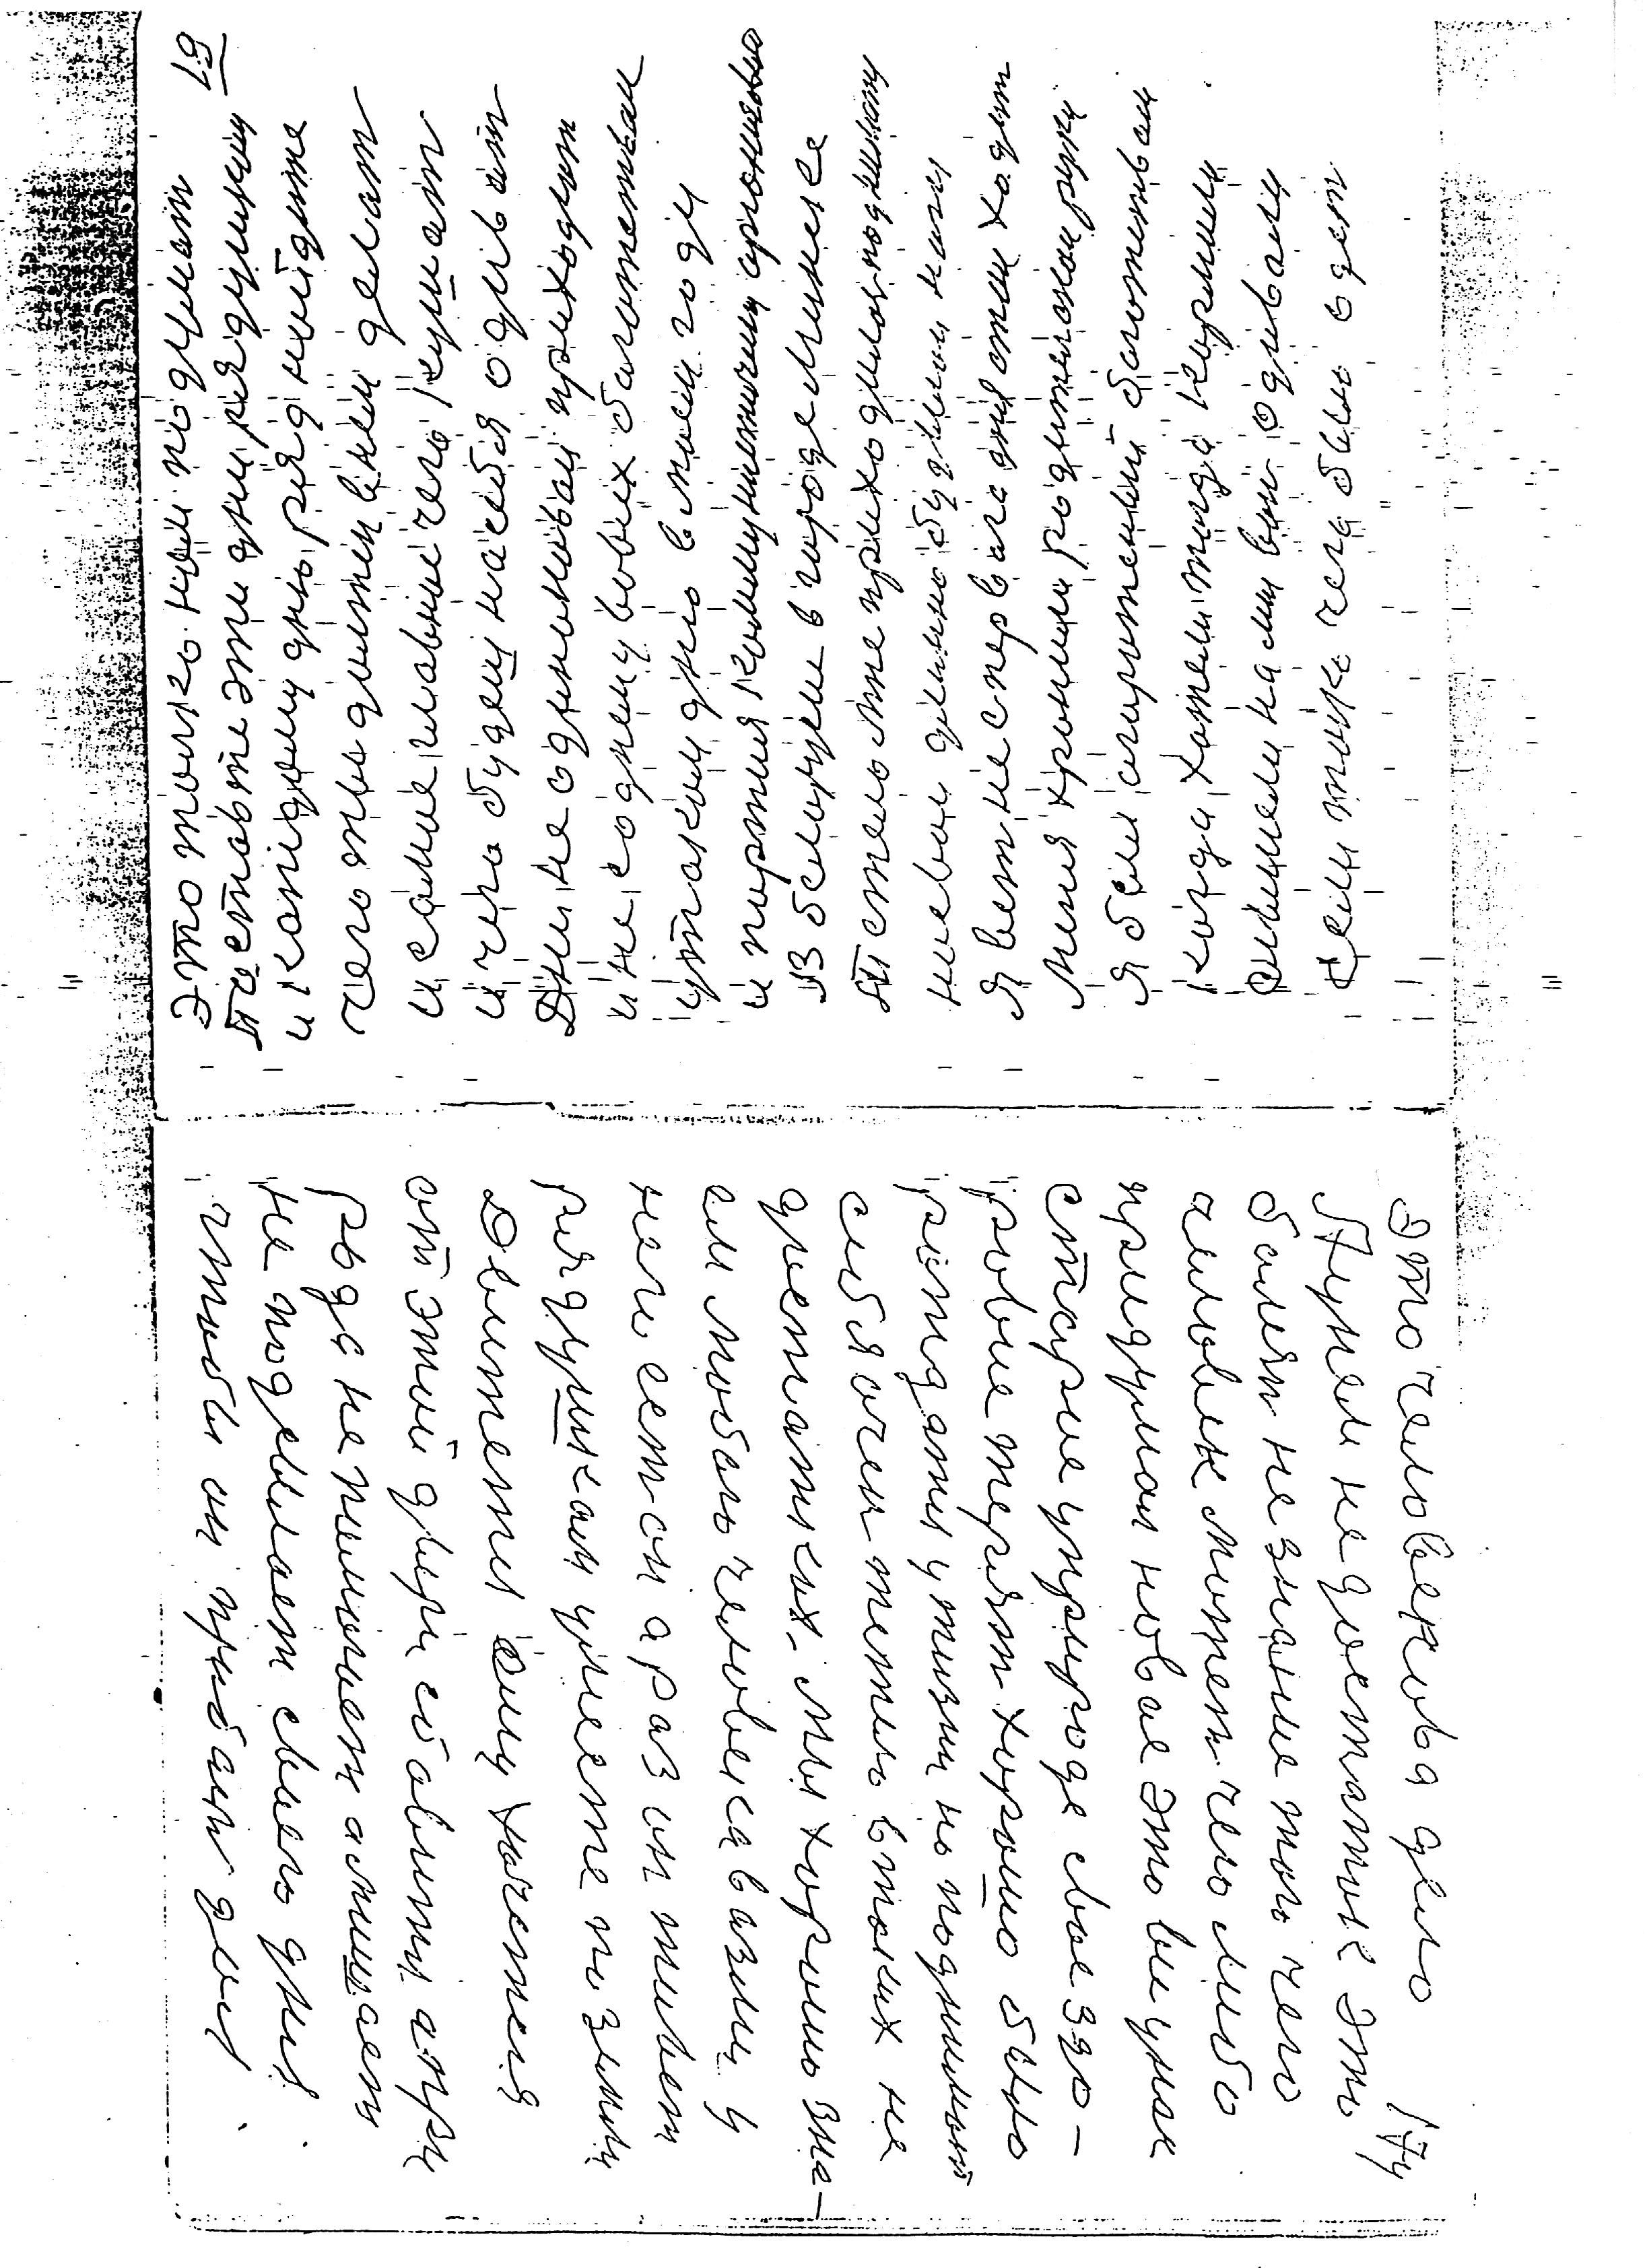 19-174.jpg